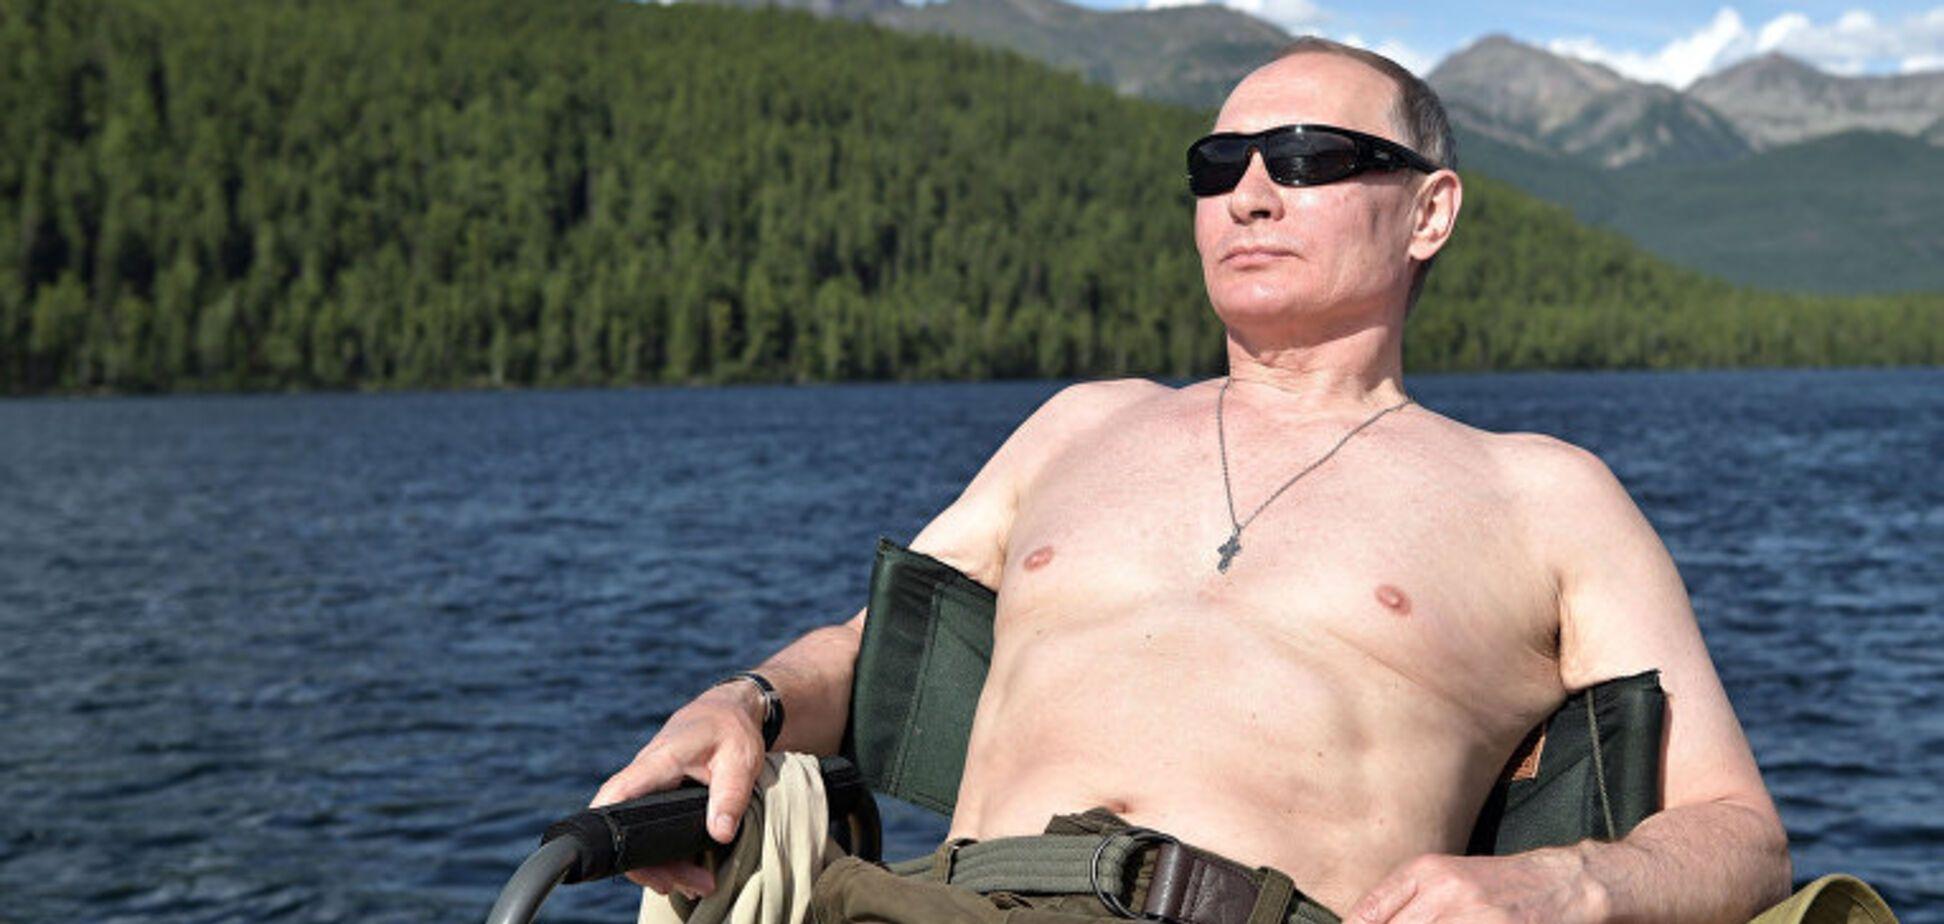 'С голым торсом': Пономарев рассказал о сексуальной жизни Путина